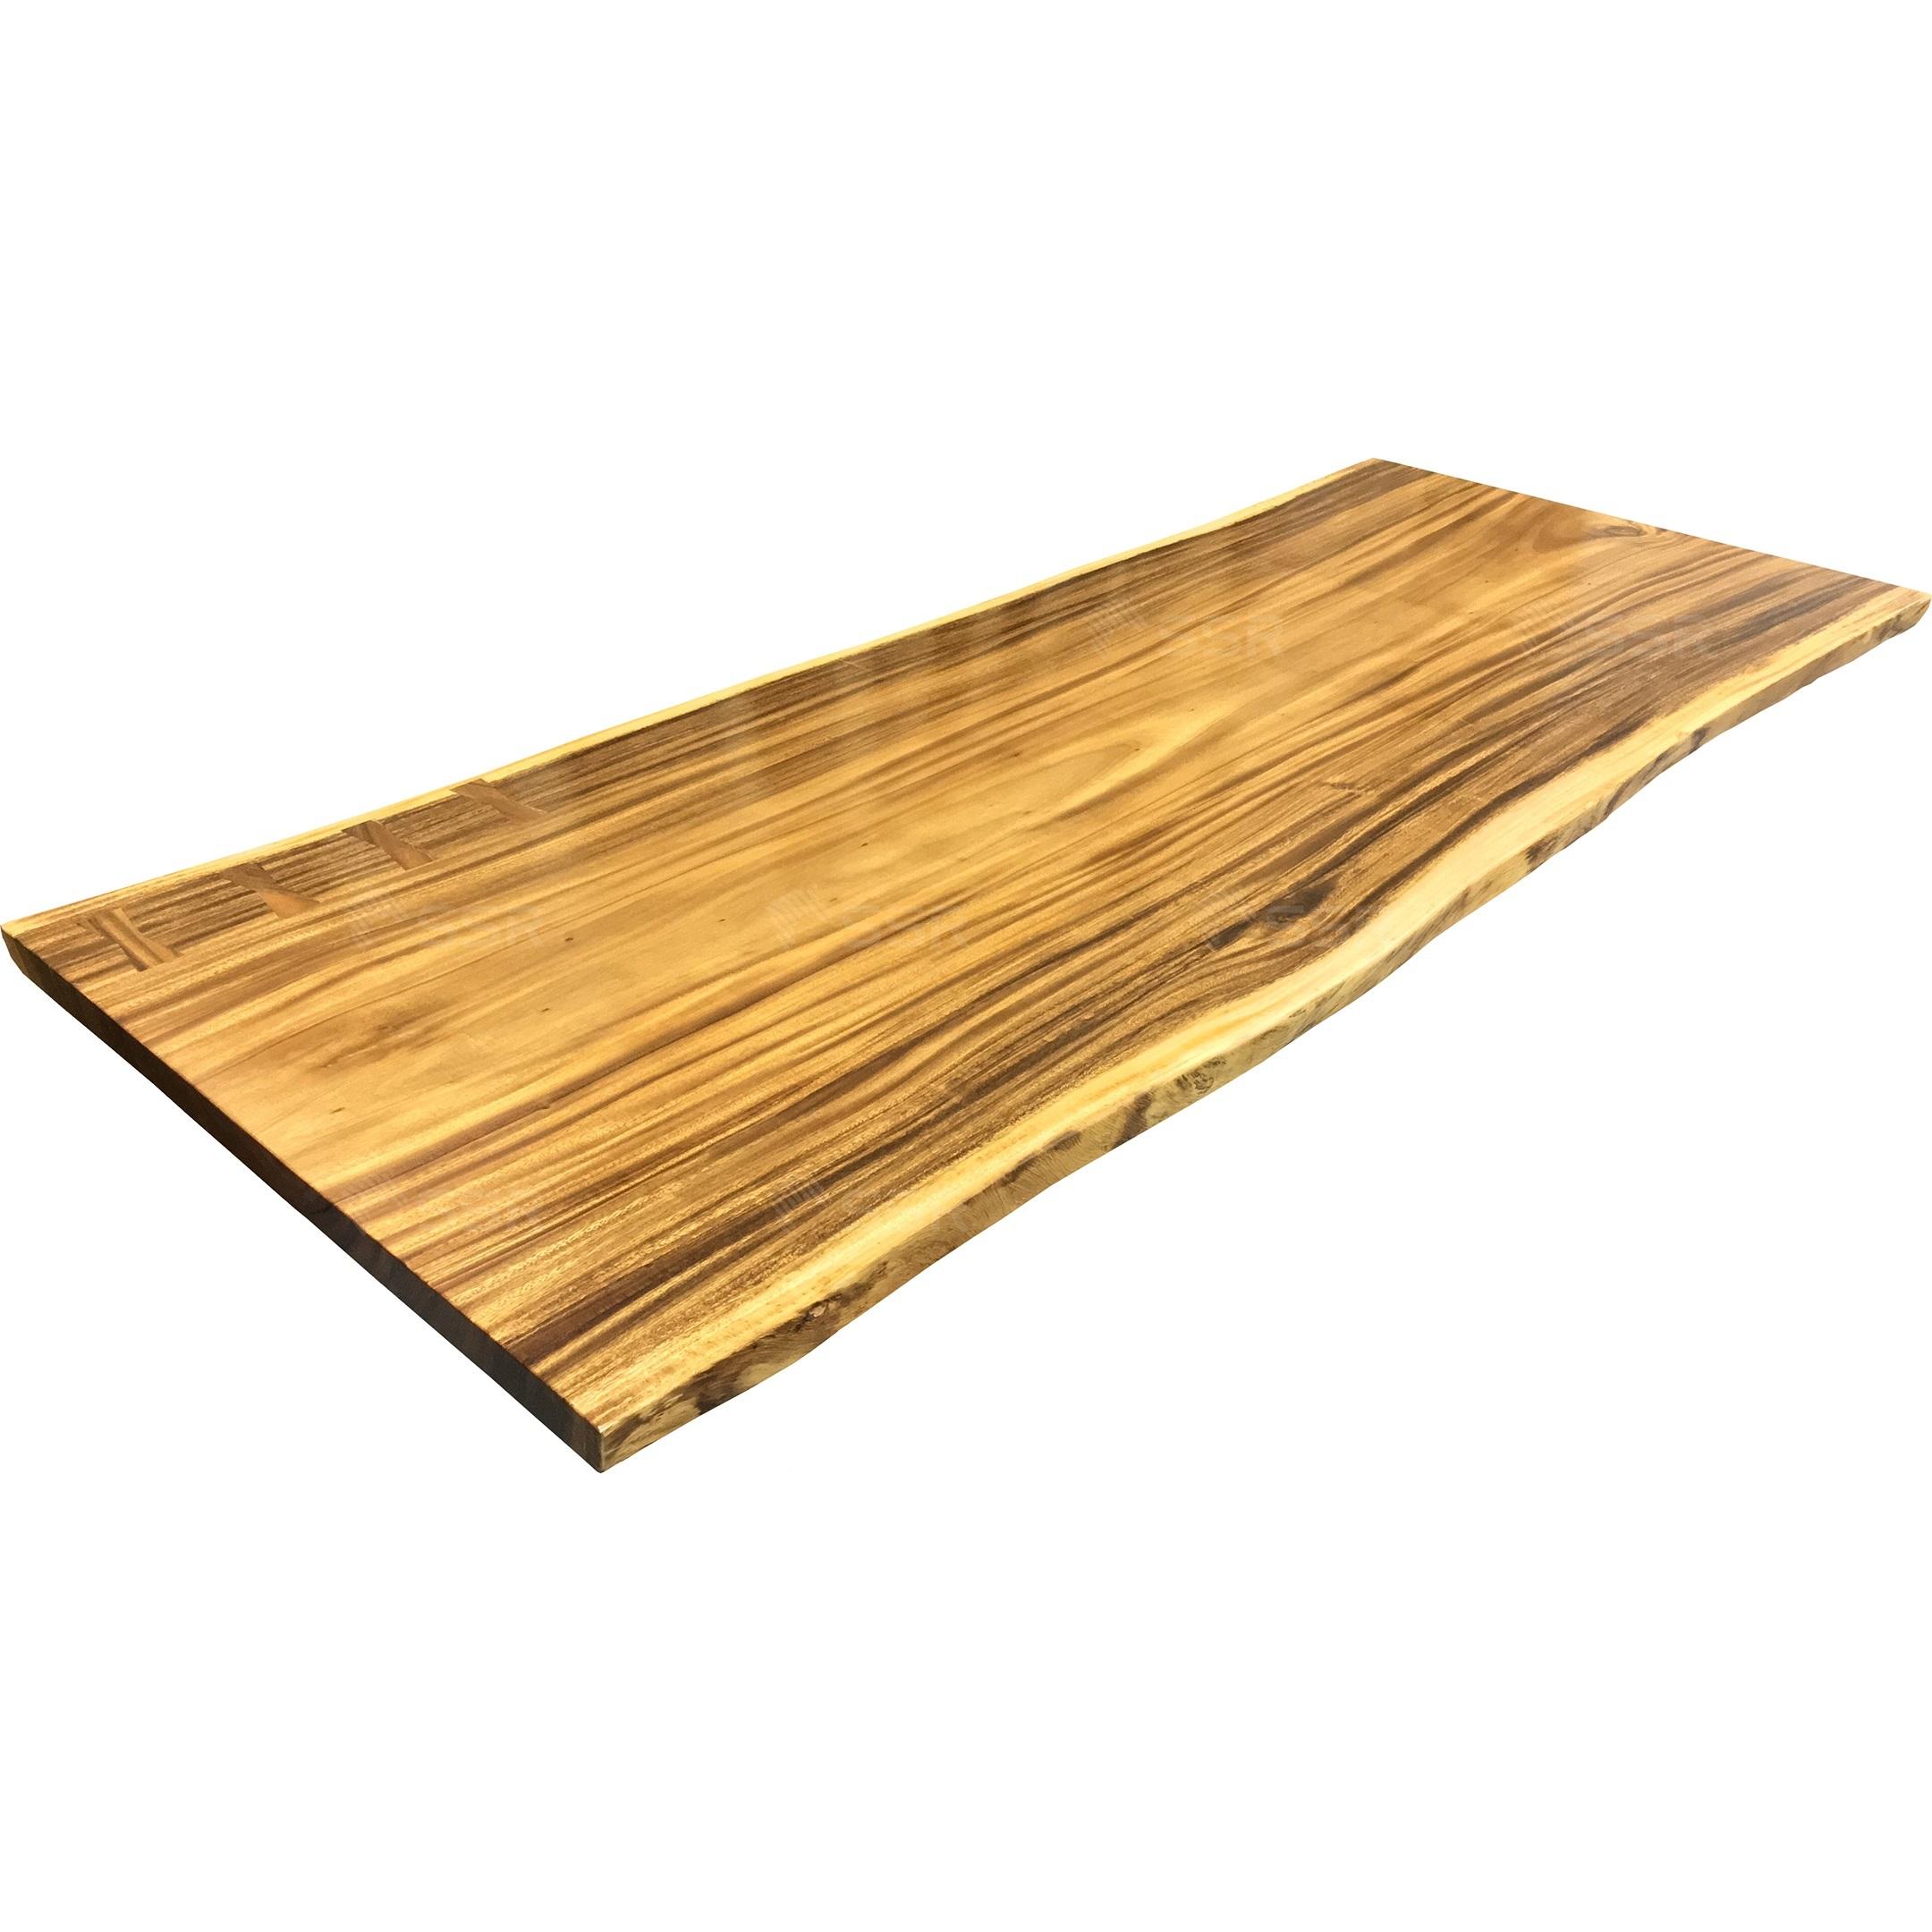 Gỗ me tây Gỗ còng Lau dầu Phủ đầu Cạnh tự nhiên Tấm gỗ Công nghiệp gỗ Toàn cầu thương mại Buôn bán Nhà cung cấp sản phẩm gỗ quốc tế Bán sỉ Chứng nhận FSC Nhập khẩu Xuất khẩu